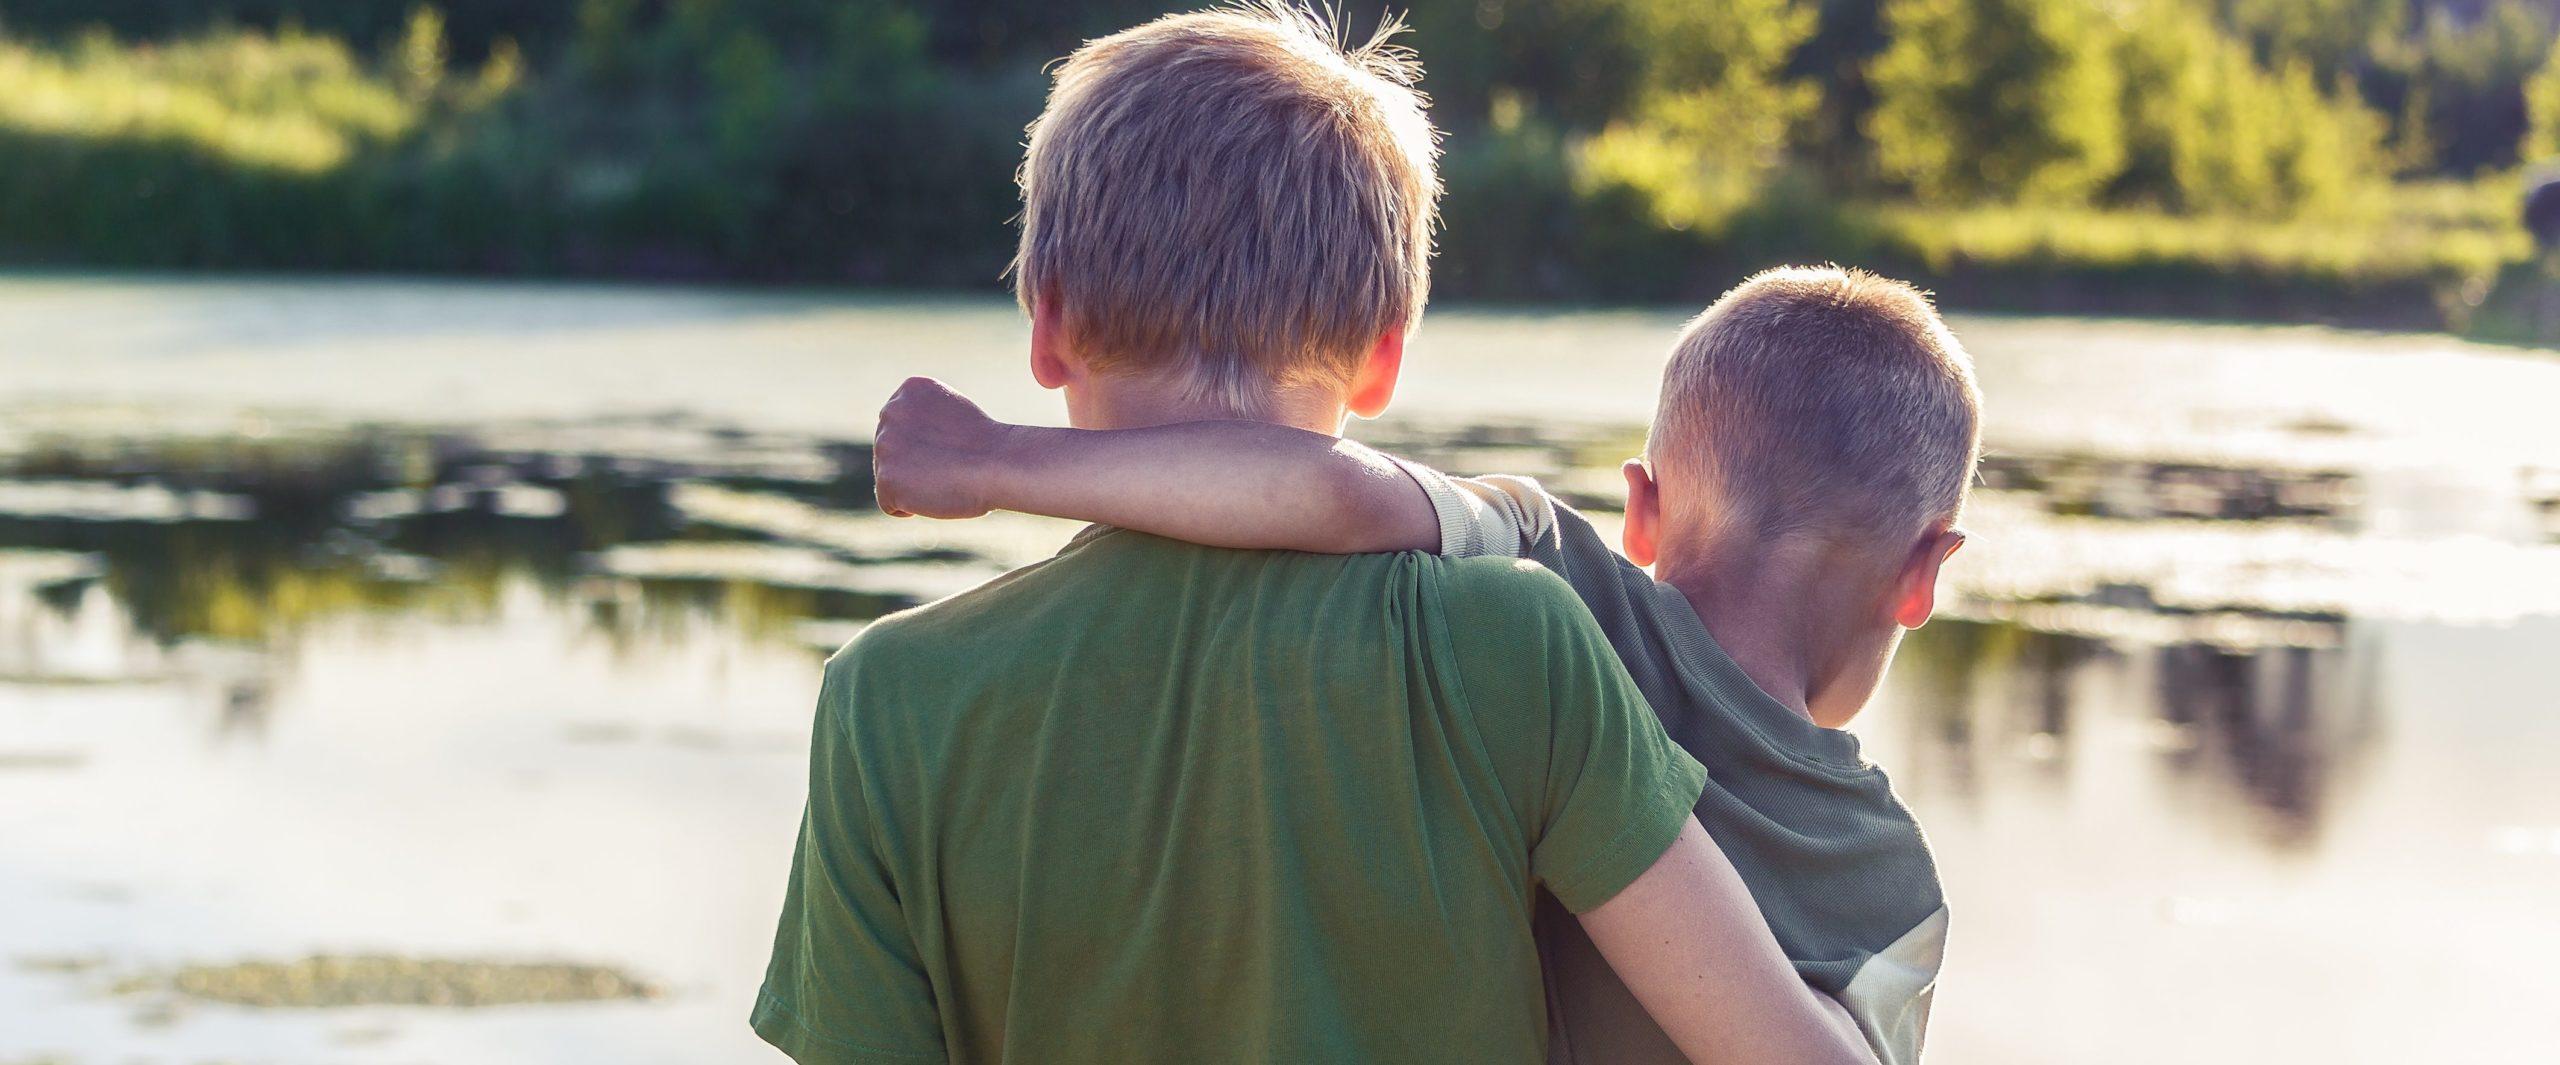 Billede af to drenge ved en sø med ryggen til